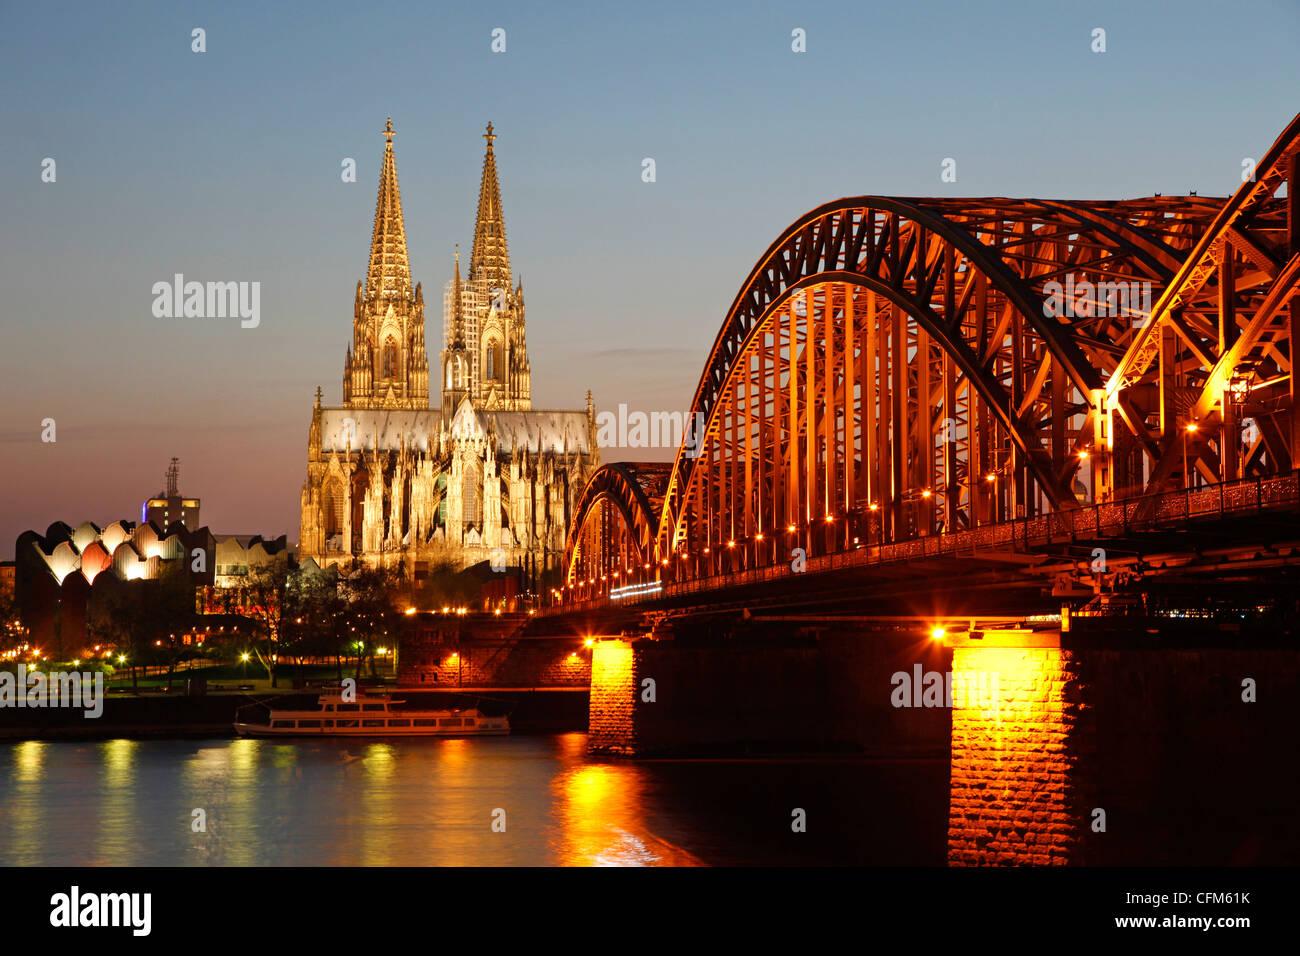 Hohenzollern Bridge, Cologne, North Rhine Westphalia, Germany, Europe - Stock Image